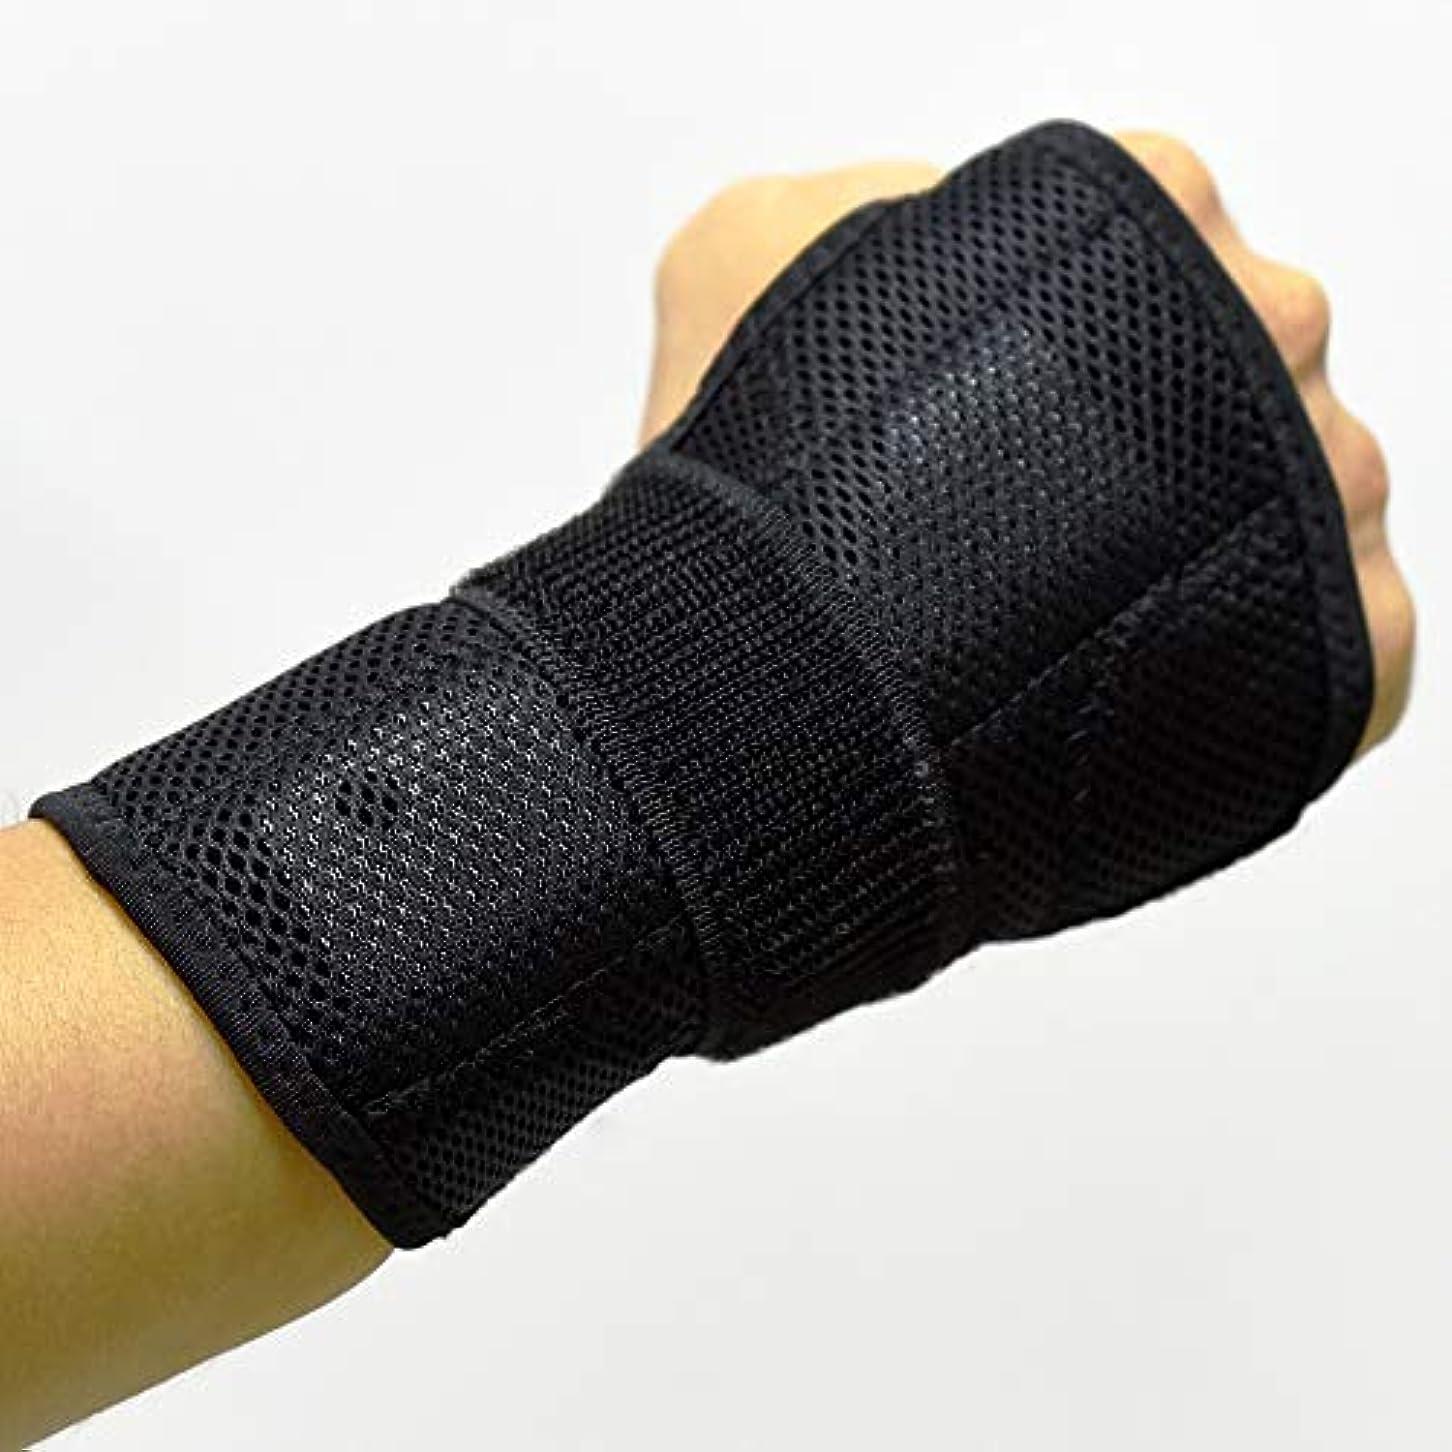 手首サポートスプリントブレース、調節可能な 手首ブレーススプリントは、怪我、スポーツ、ジム、繰り返しの緊張などに対応します デザイン,Lefthand